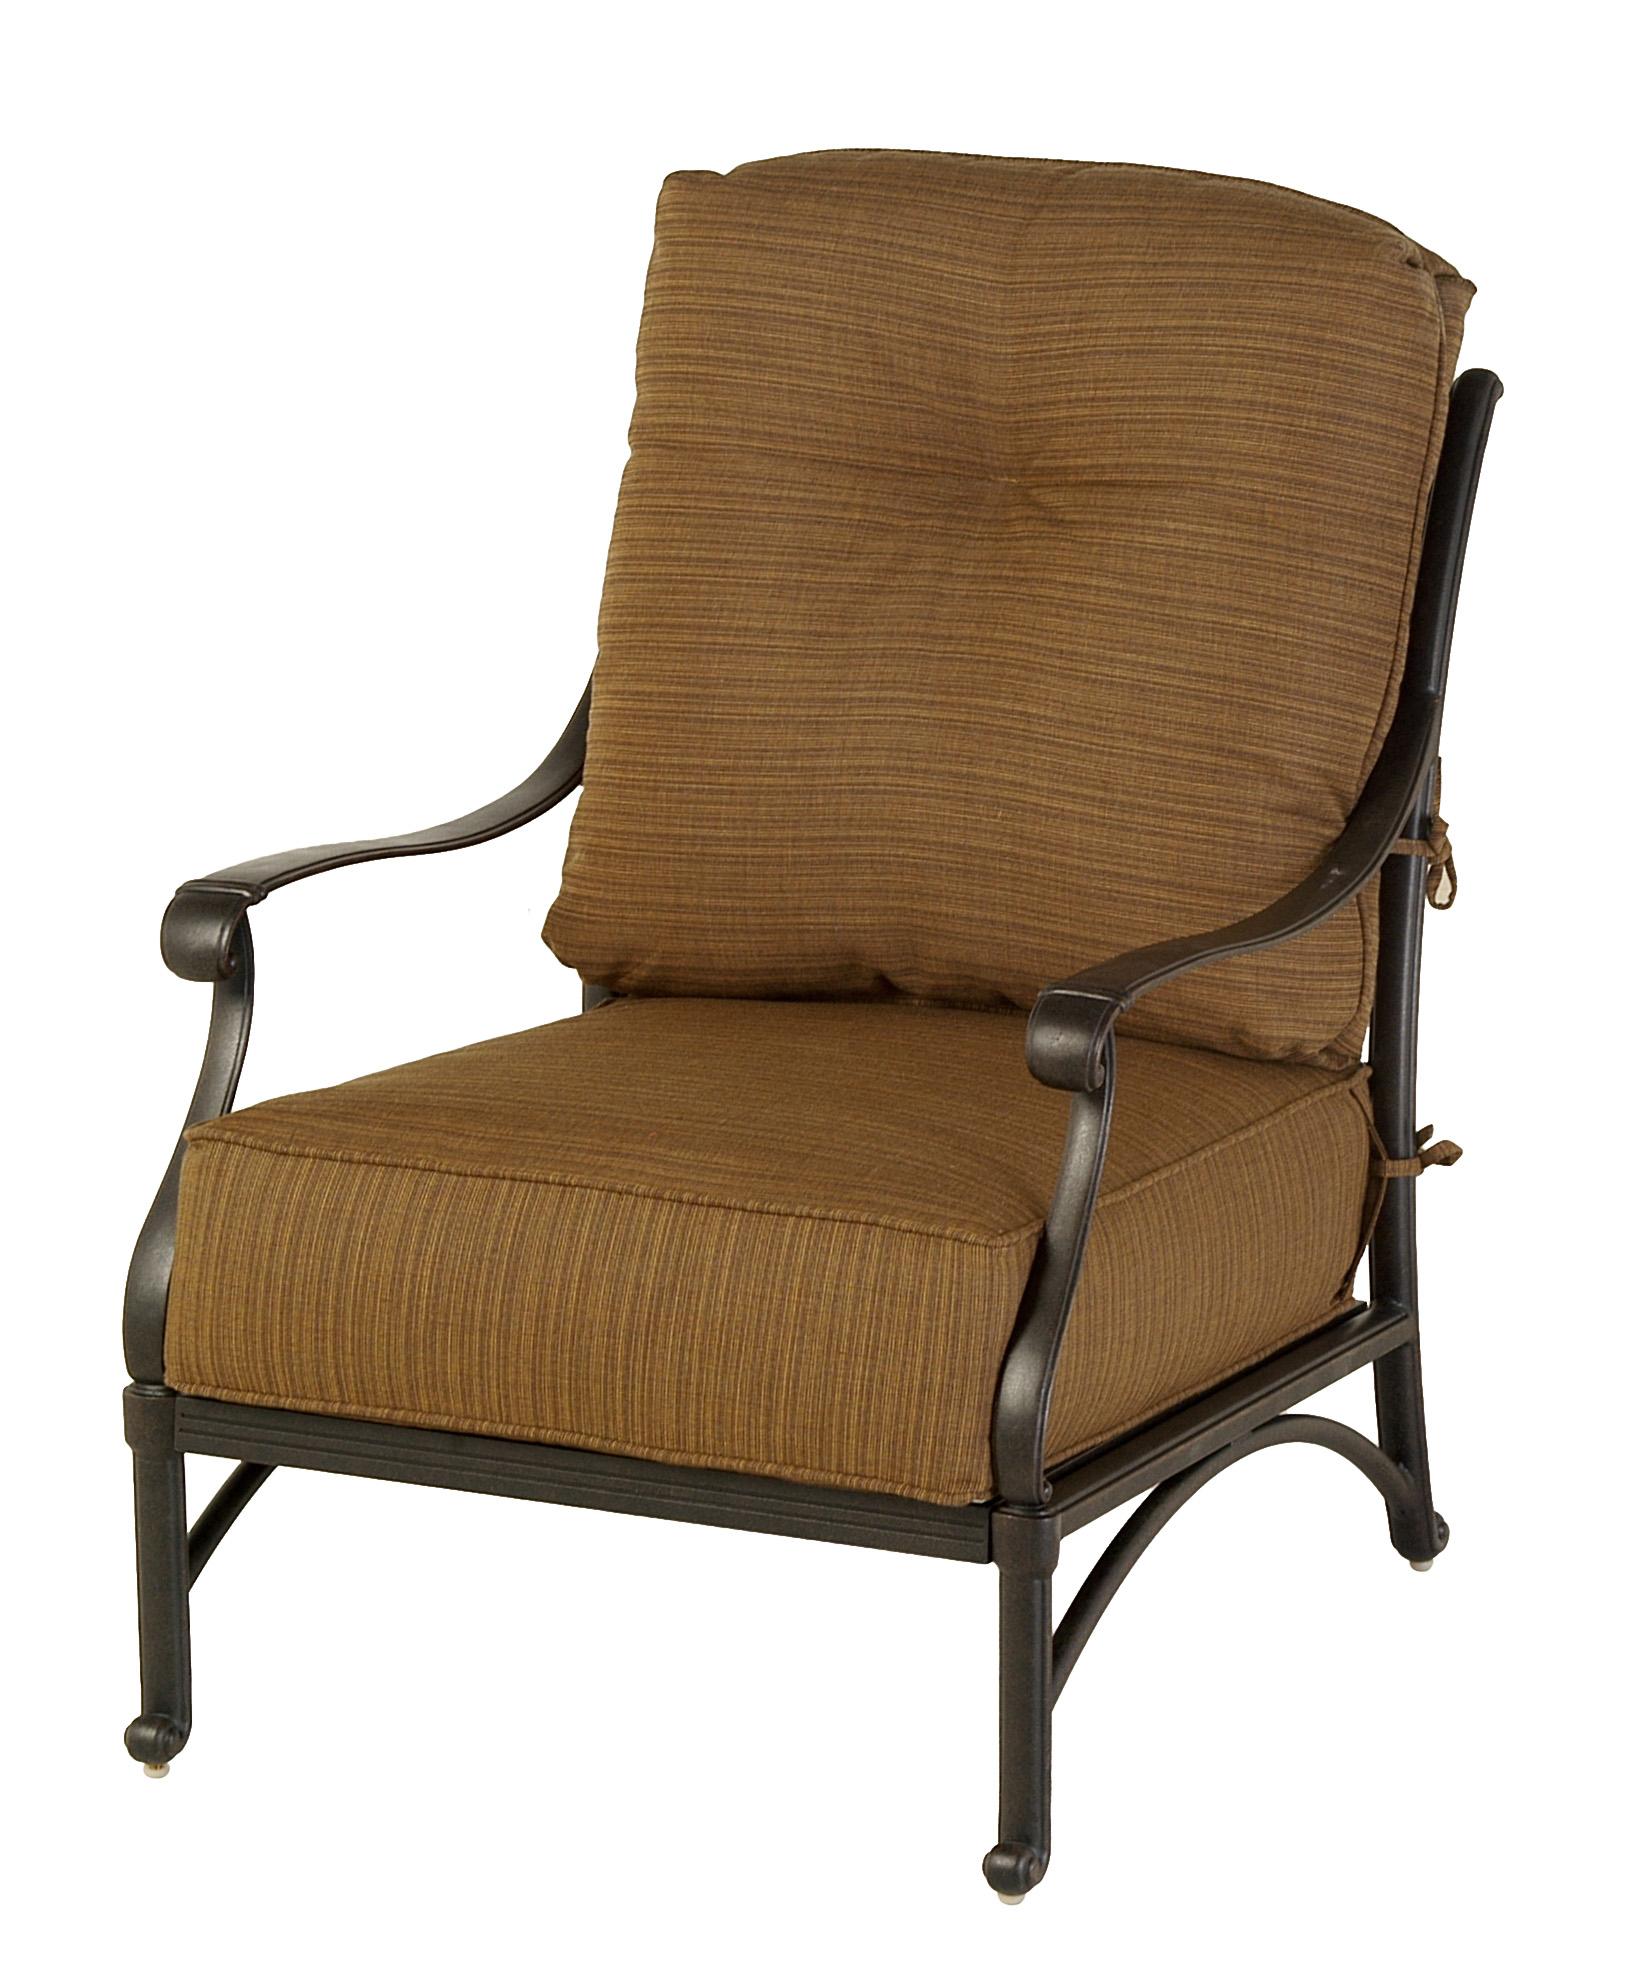 Mayfair Estate Club Chair